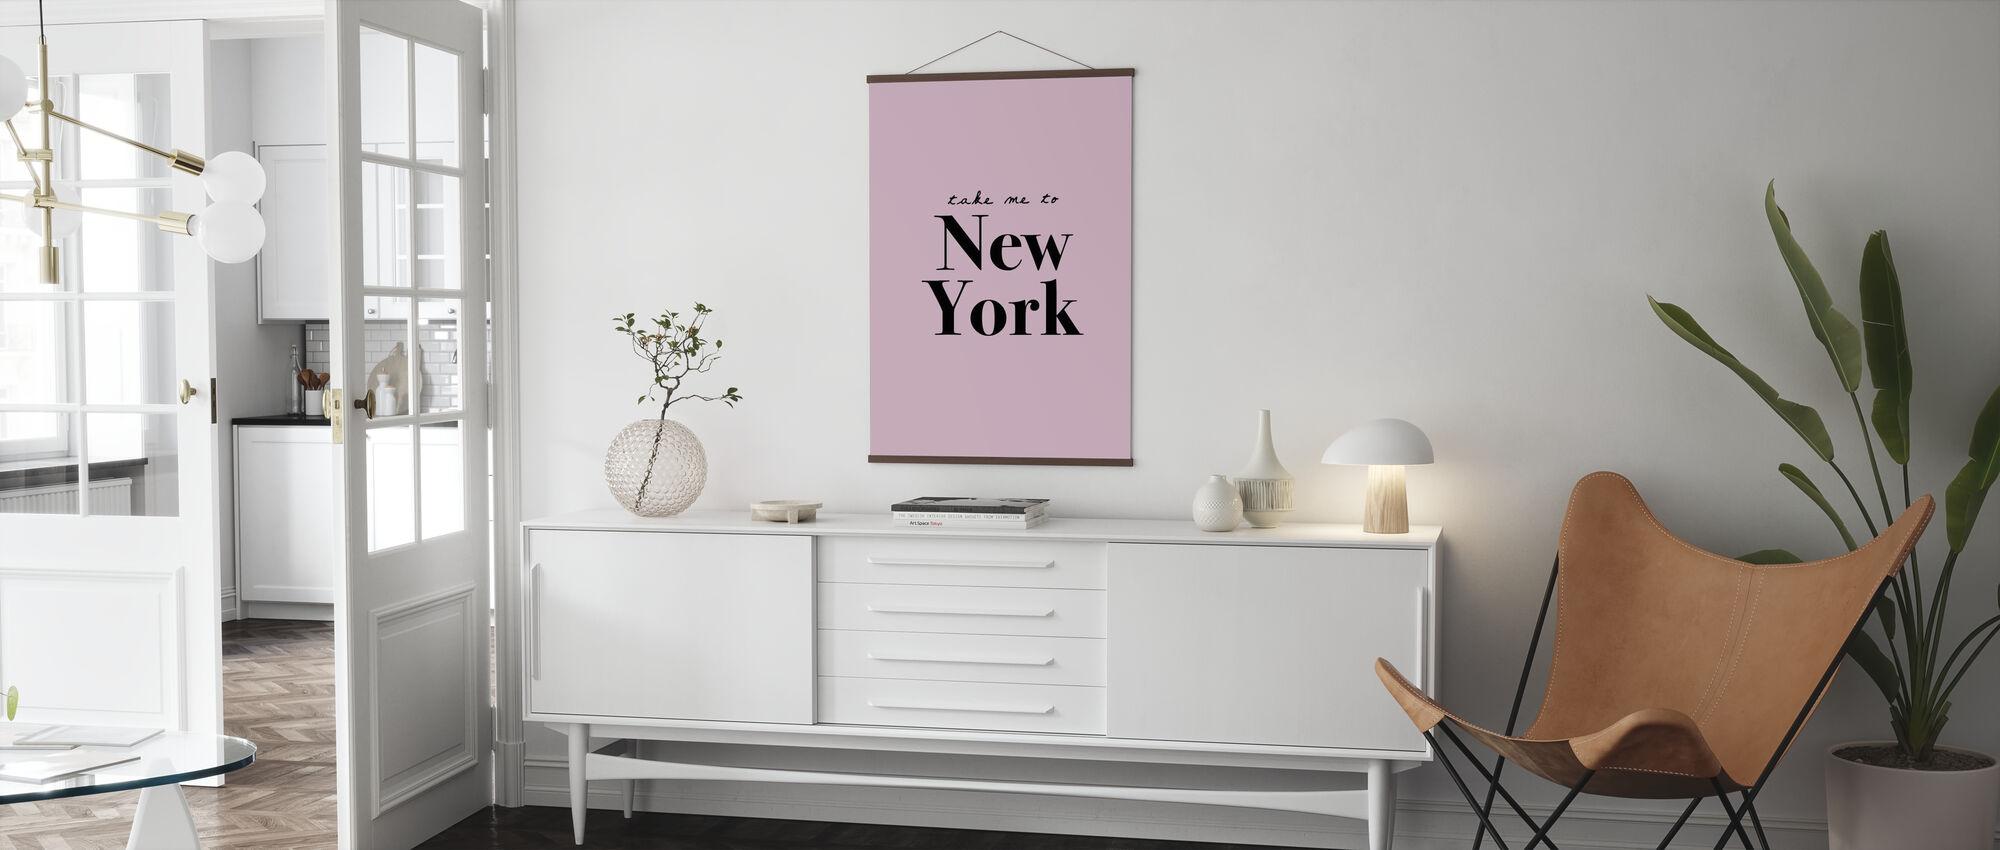 Nehmen Sie mich nach New York - Poster - Wohnzimmer